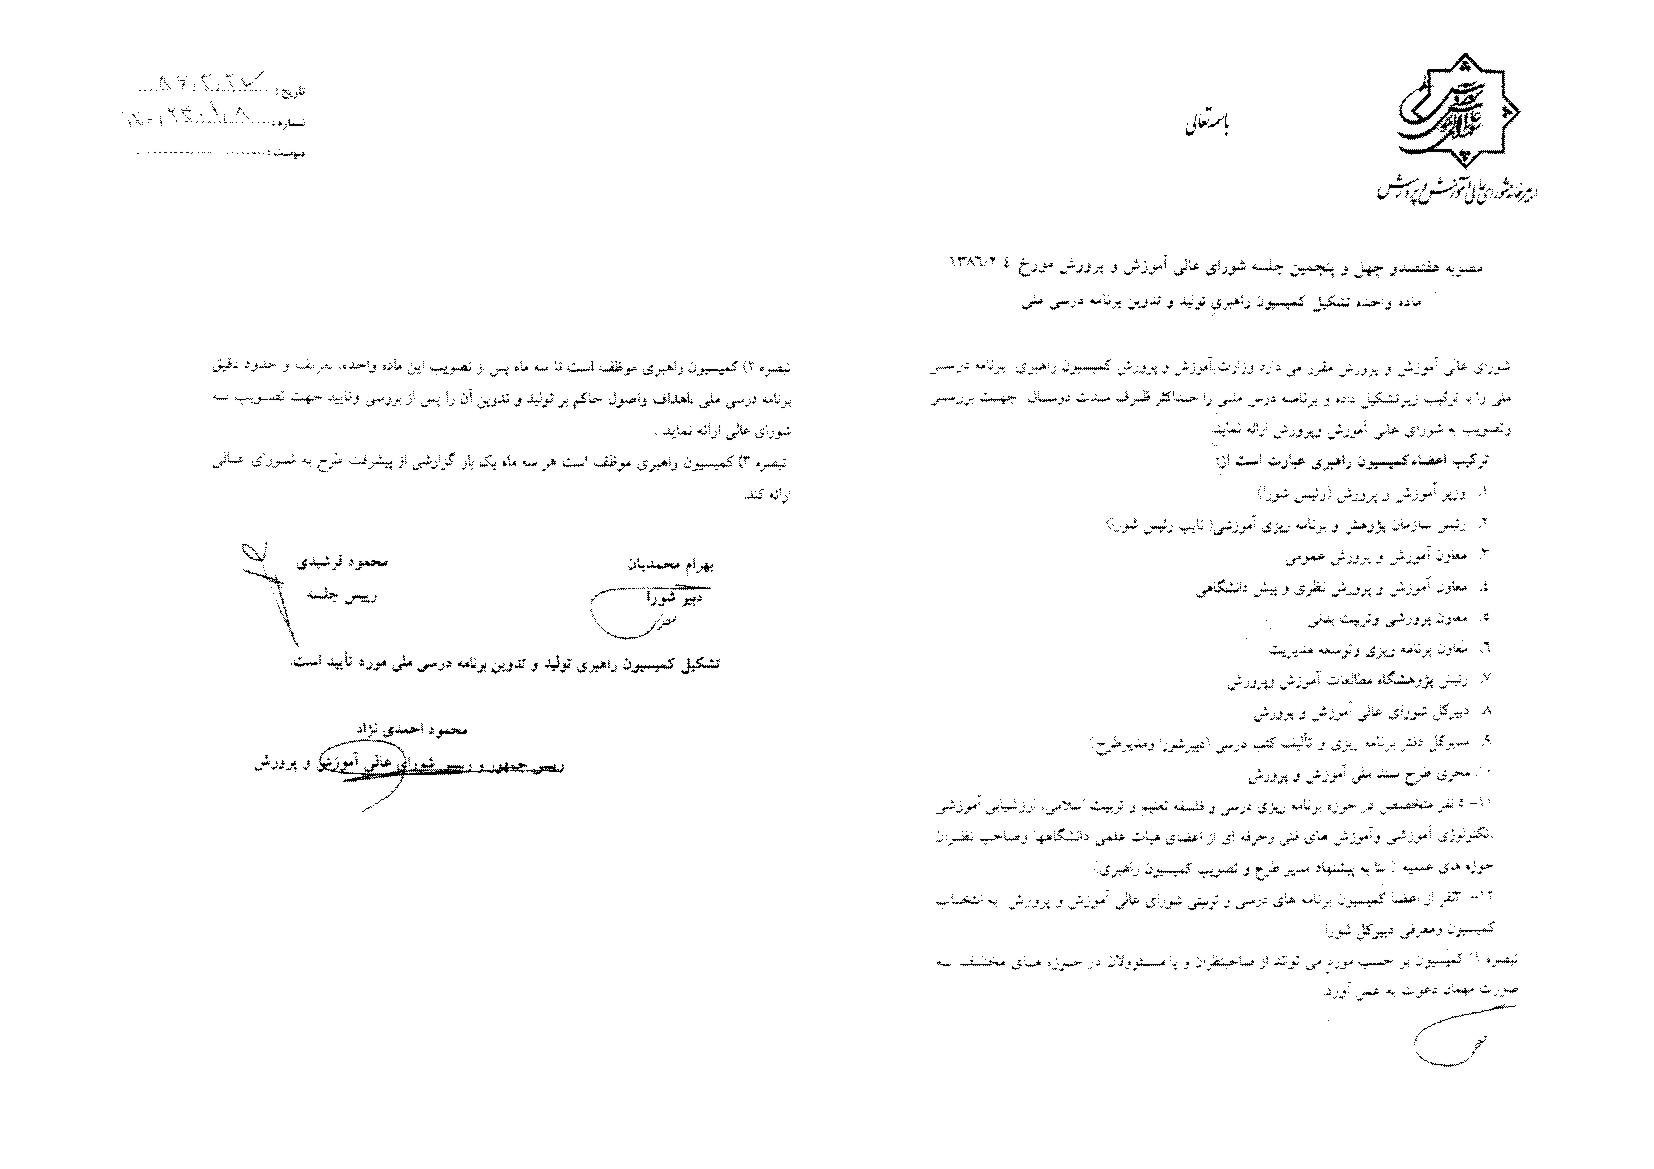 برنامه ساخت کارت ملی جعلی صفحه اول شناسنامه رهبری. خاتمی. احمدی نژاد. جنتی و سیدحسن خمینی/ گزارش تصویری